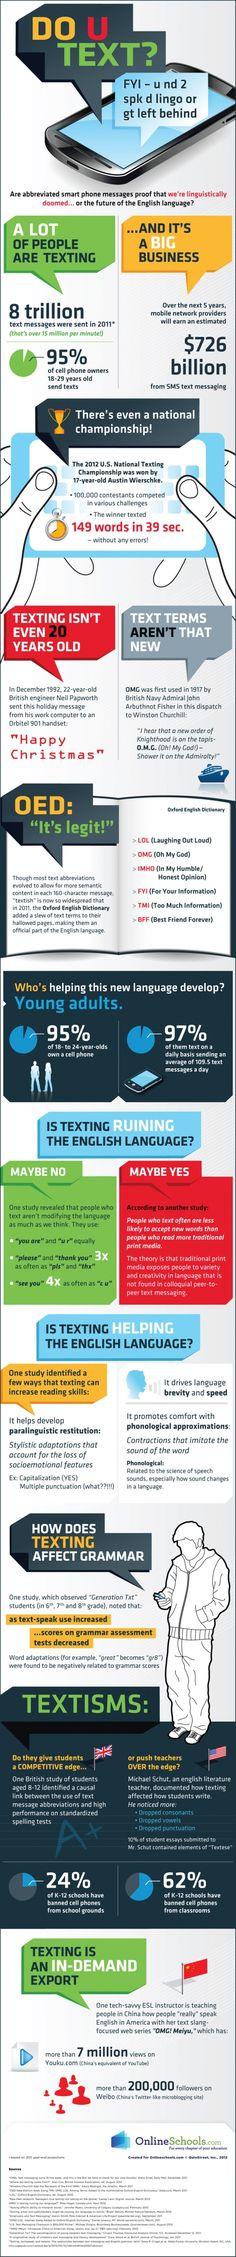 text-talk! Hoe beïnvloedt sms-en onze taal? #Infographic